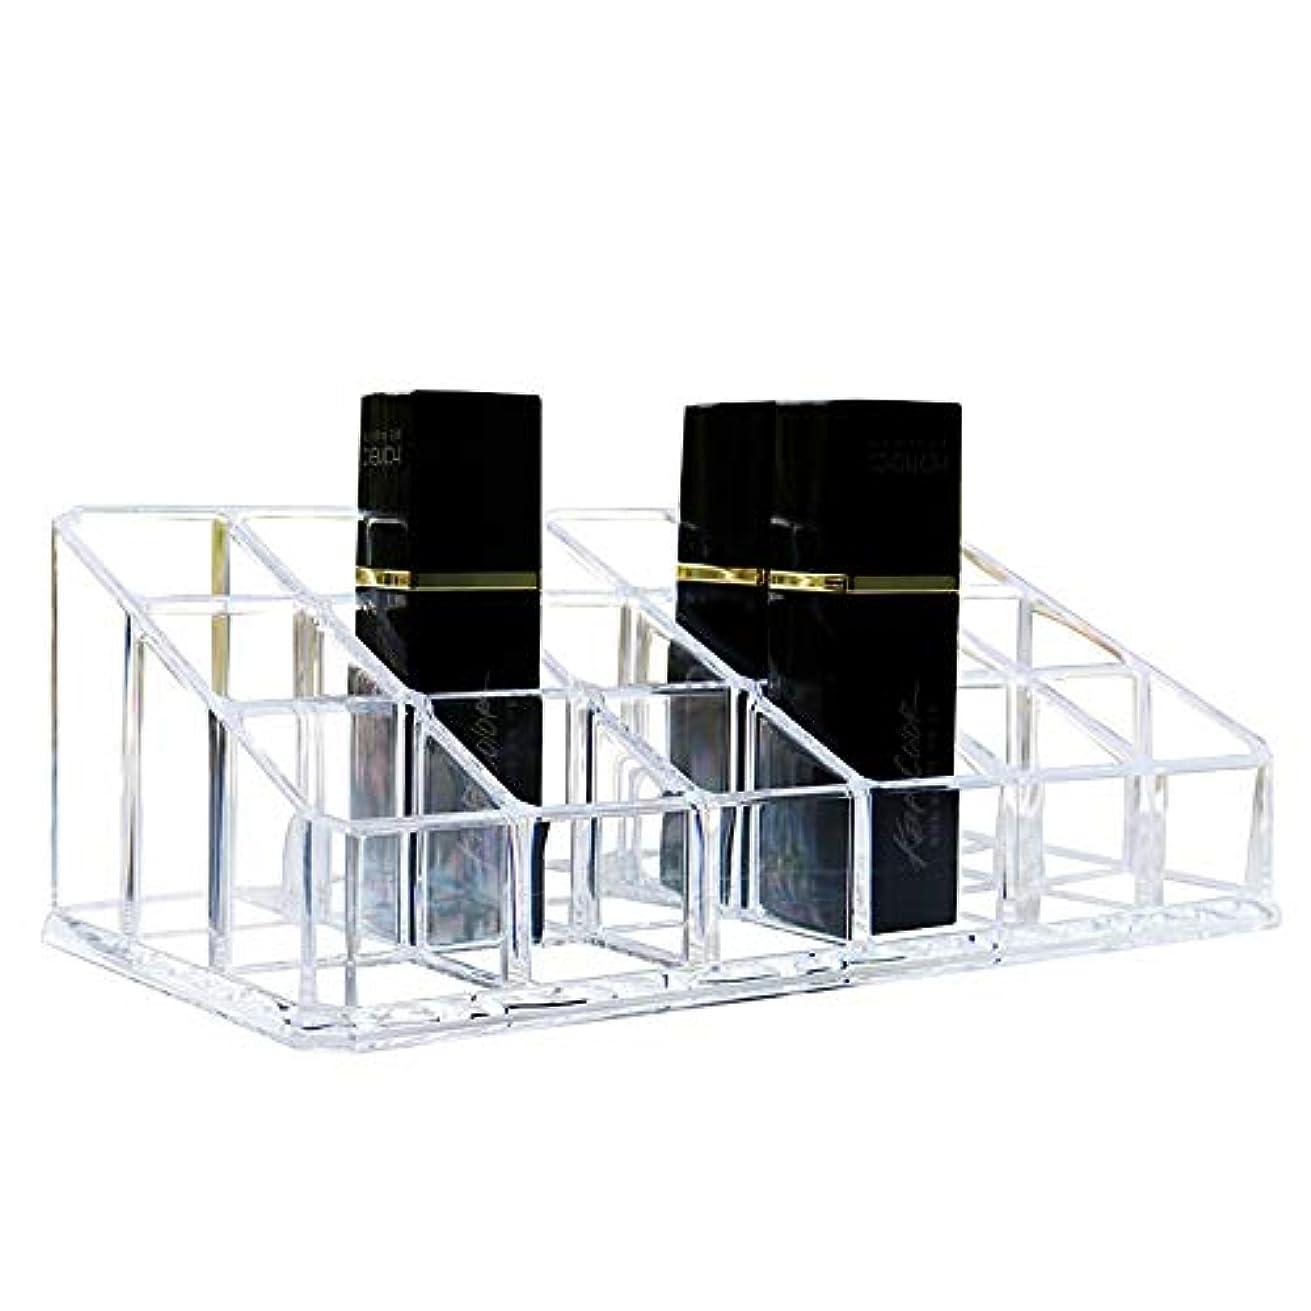 にはまって忘れるシロクマ整理簡単 シンプルな口紅収納クリア18コンパートメント化粧口紅化粧品ディスプレイスタンドラックホルダーオーガナイザー (Color : Clear, Size : 17.4*9*6.3CM)